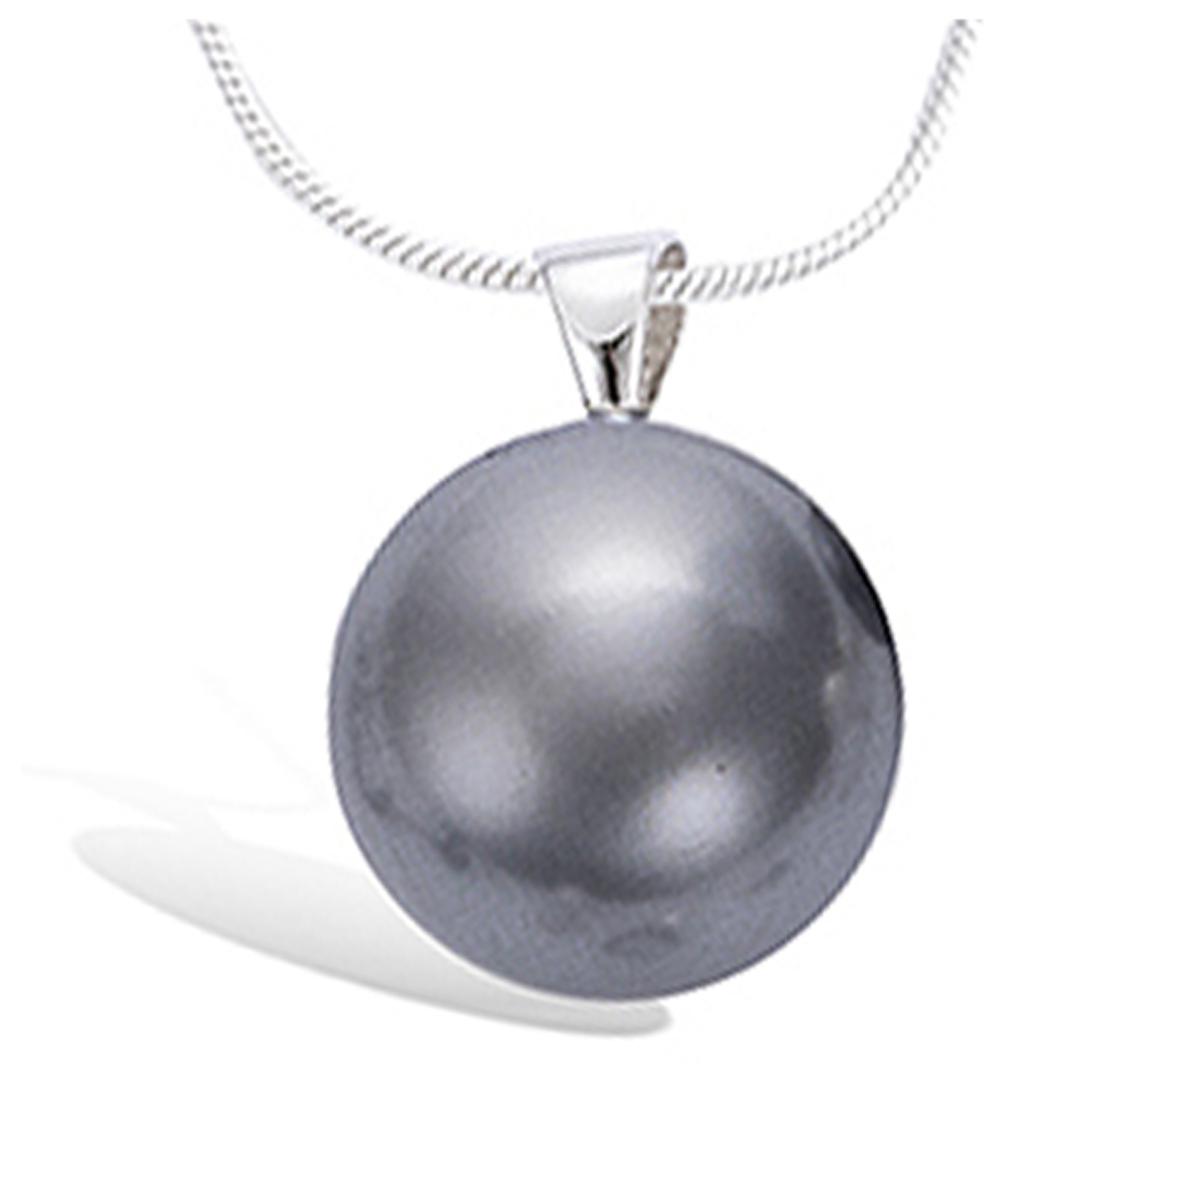 Pendentif Argent \'Perla\' gris (plate) argenté (rhodié) - 13 mm - [H0462]